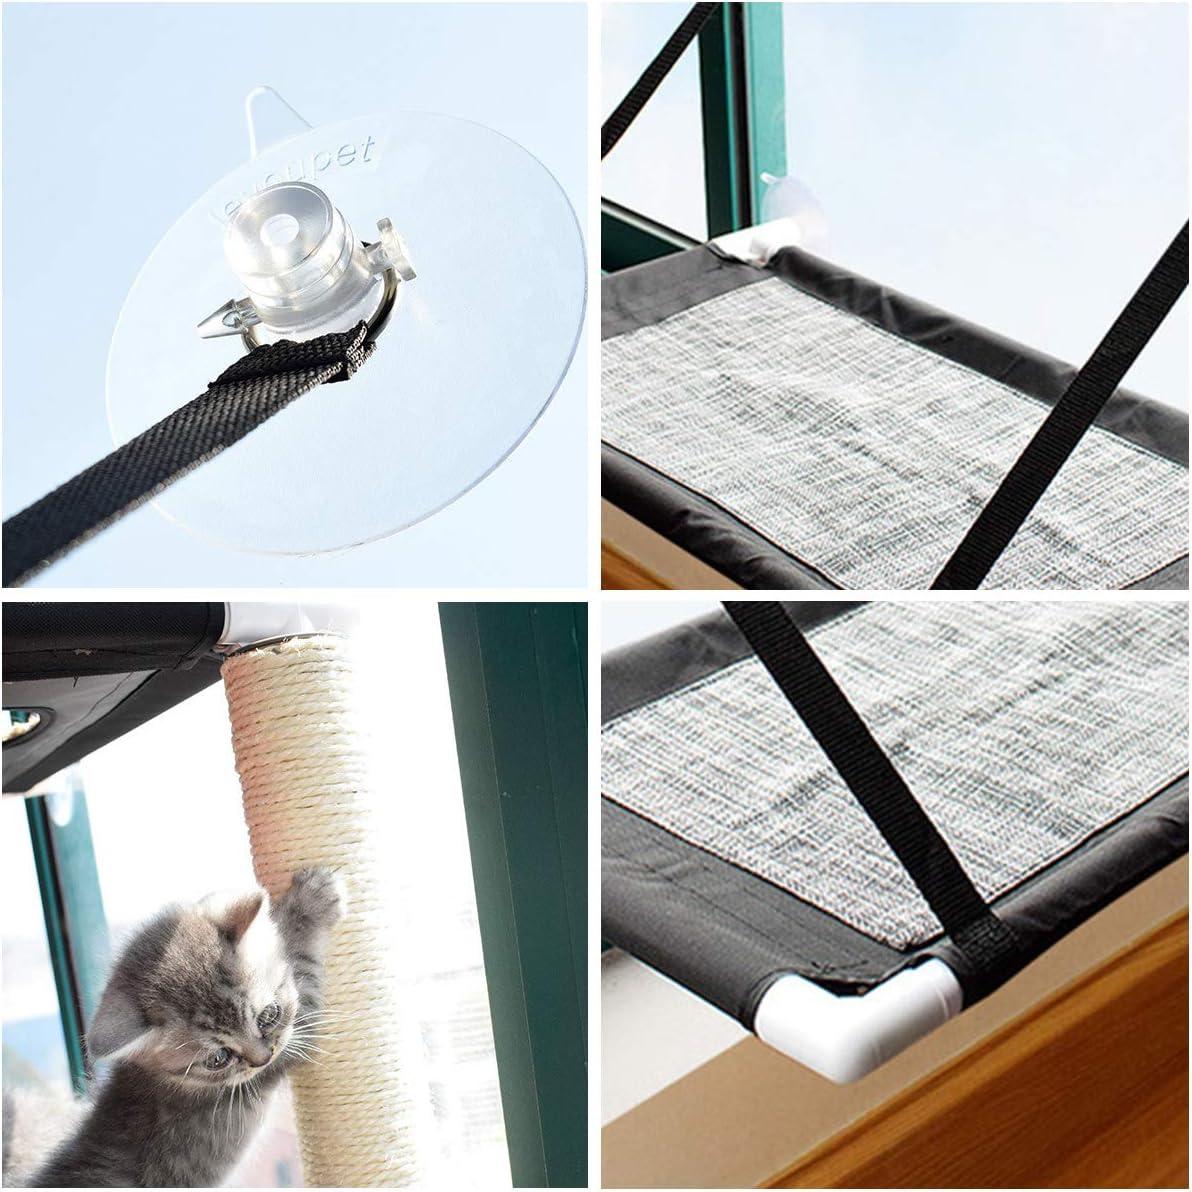 Owlike Cat Window Perch Cat Window Hammock Pet Resting Seat Space Saving Window Mounted Cat Bed for 360/° Sunbath